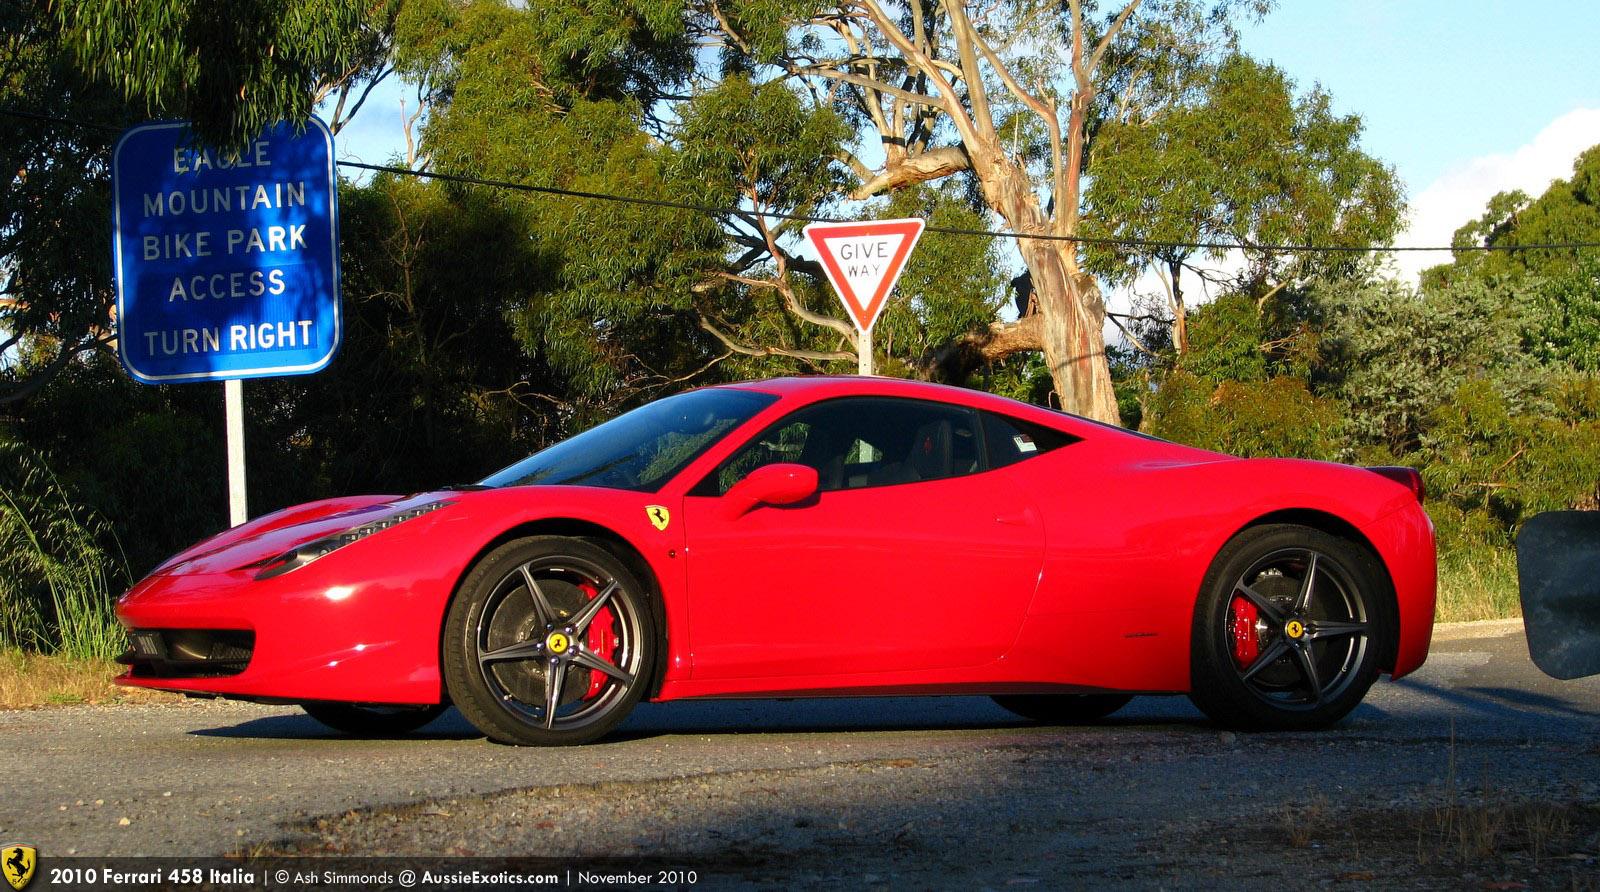 mhh's 2010 Ferrari 458 Italia: